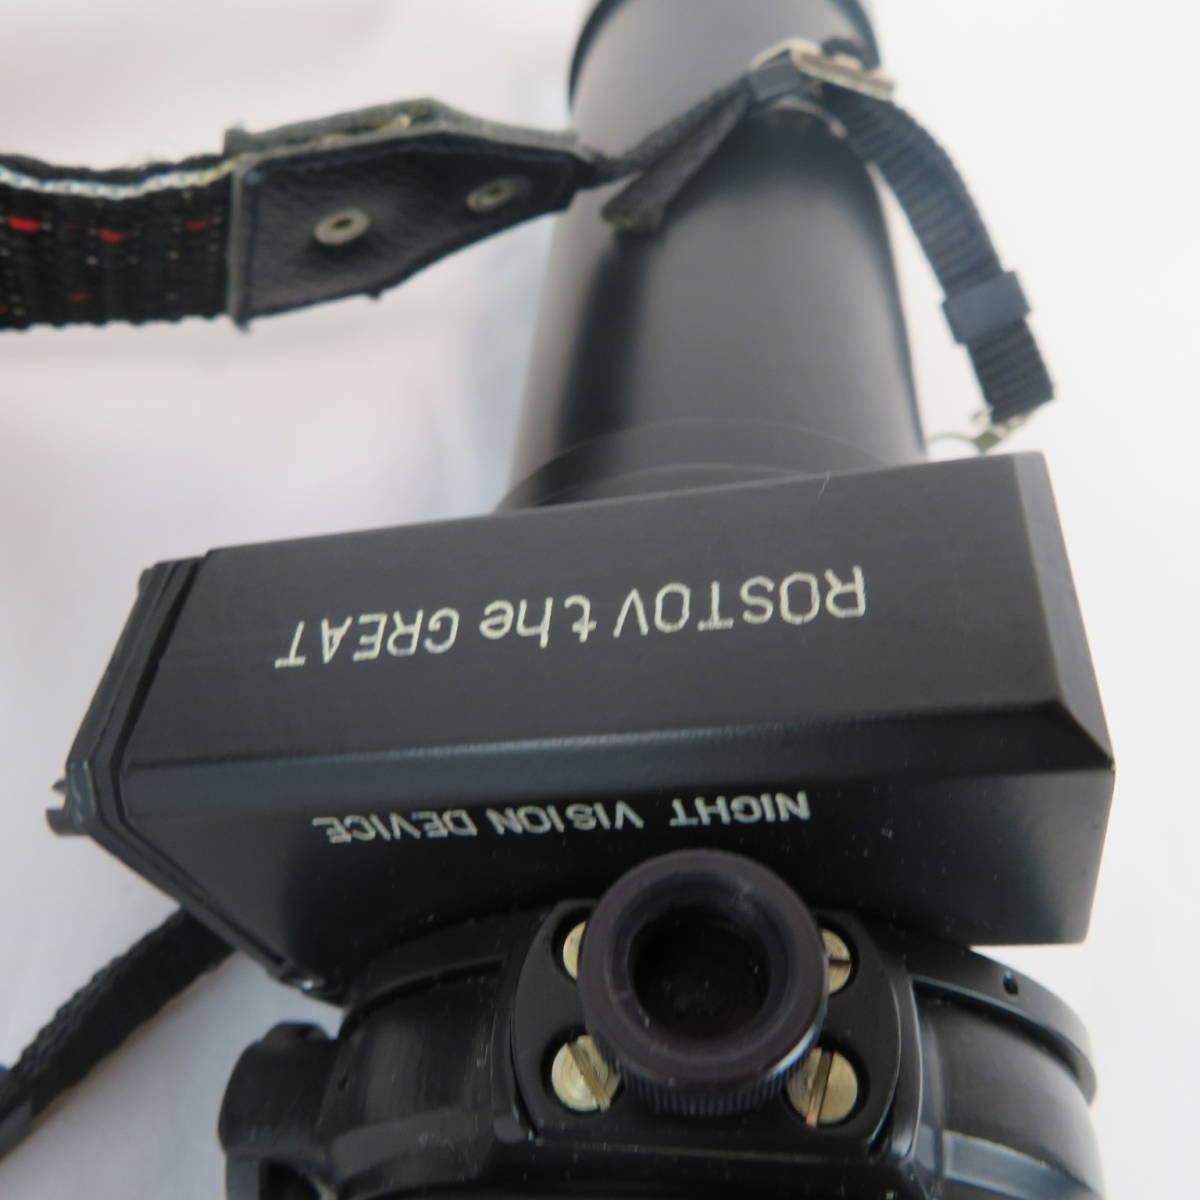 【ケース付き】H3 T-8N made in russia ロシア製 ナイトスコープ サバゲー (30-1156) _画像3